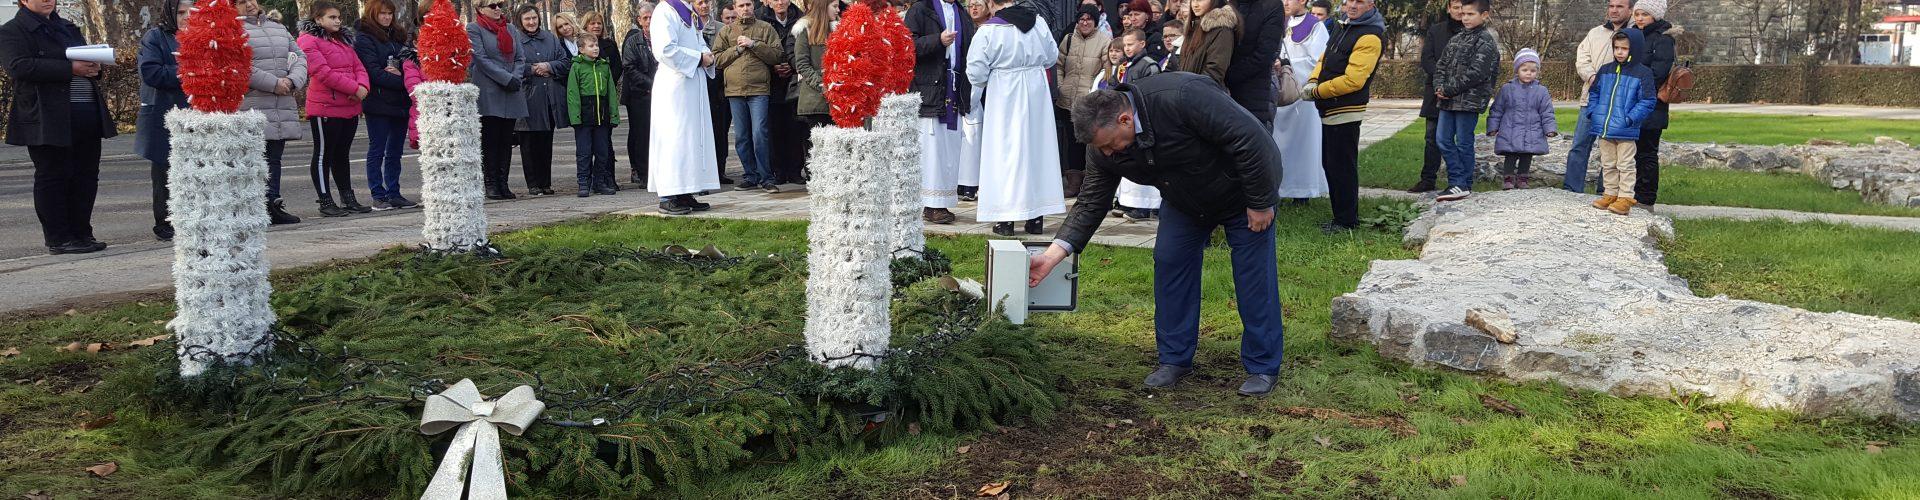 Gradonačelnik upalio prvu adventsku svijeću